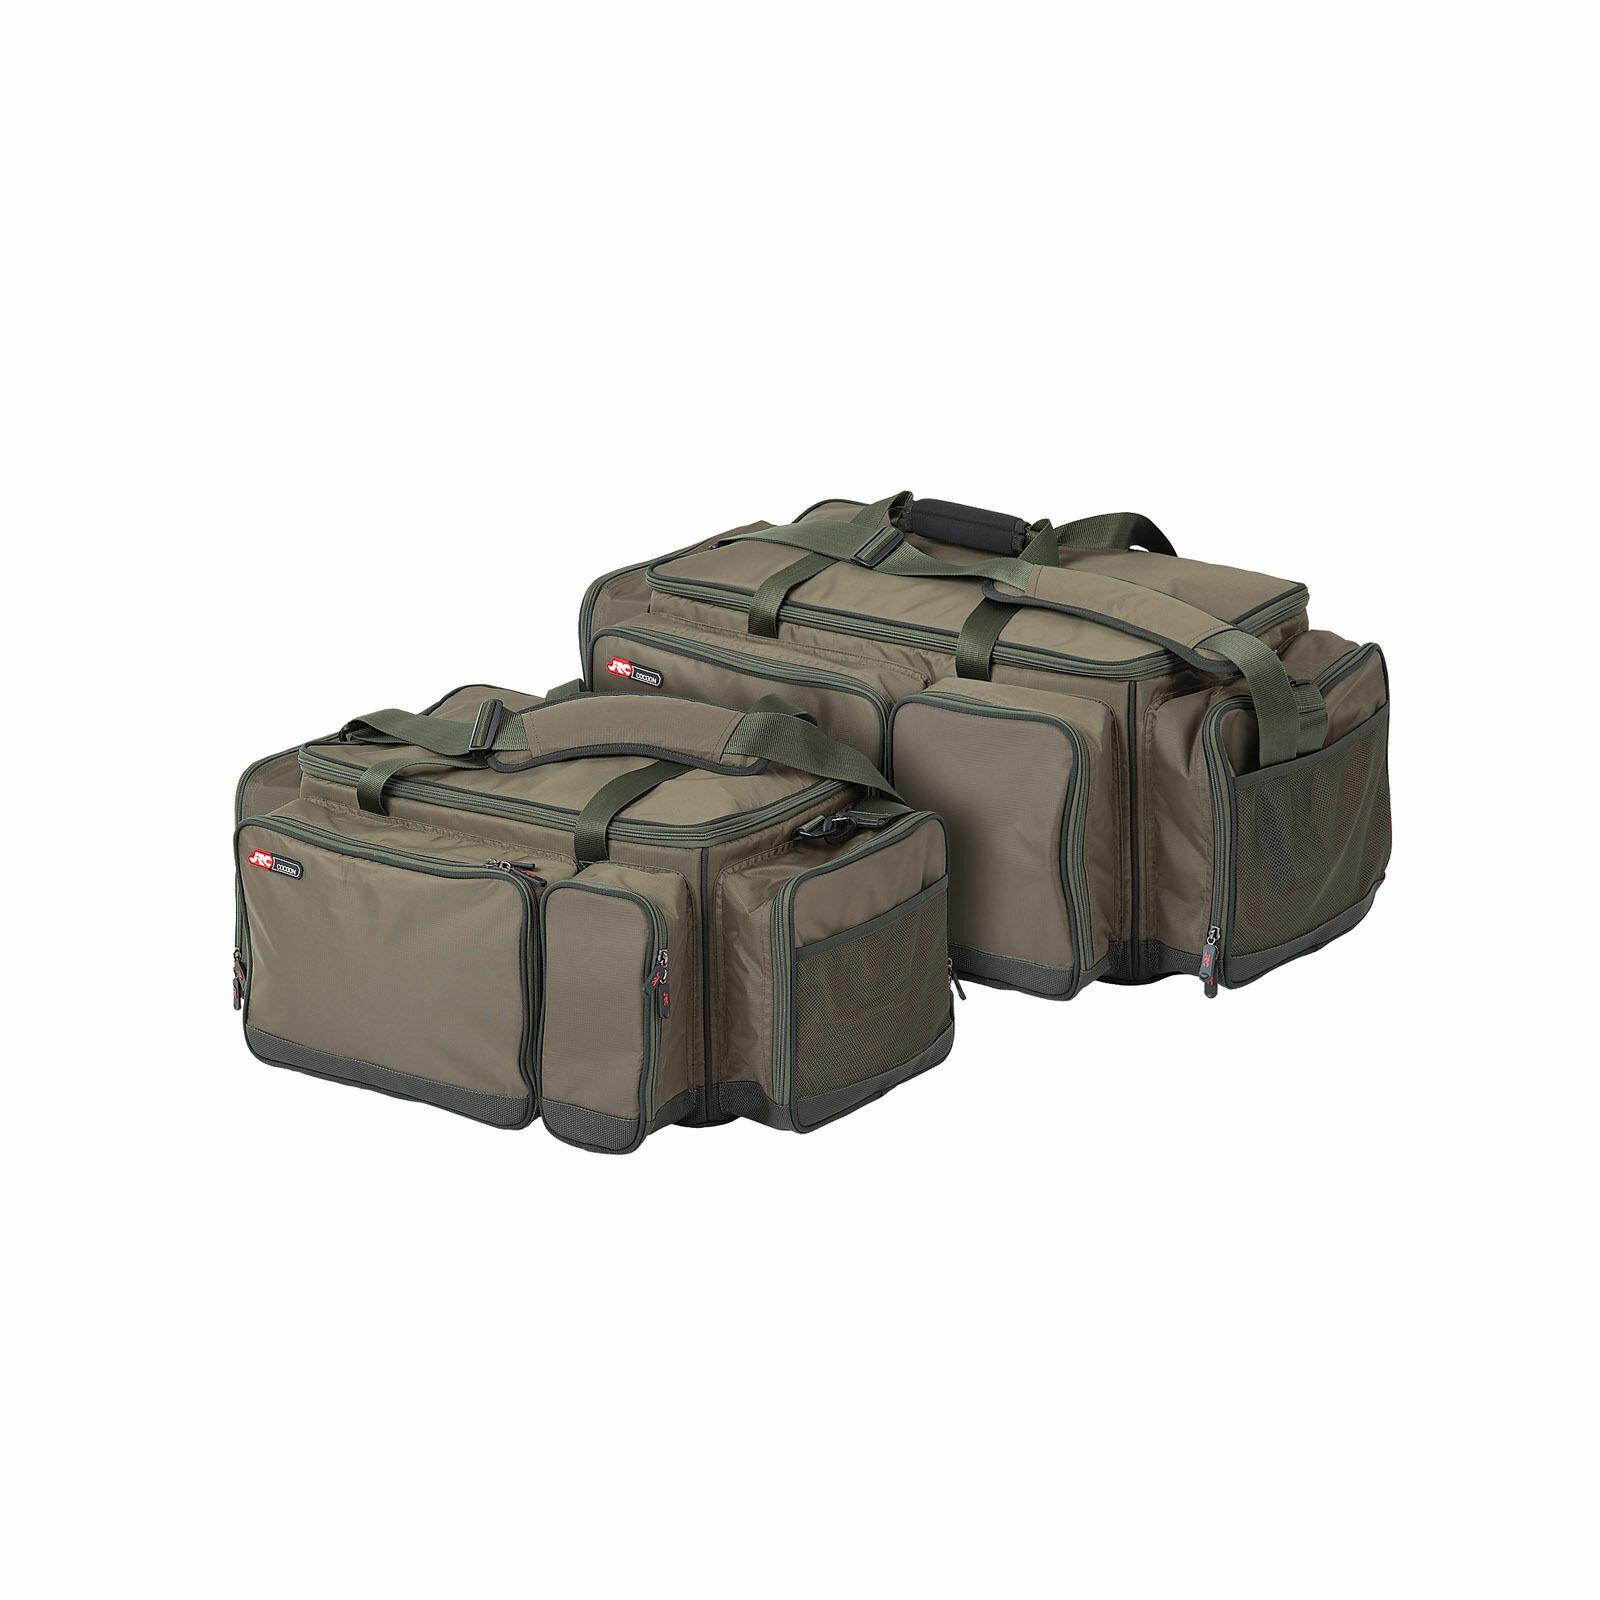 Tasche Karpfenangeln Robust Jrc Cocoon Groß und XL